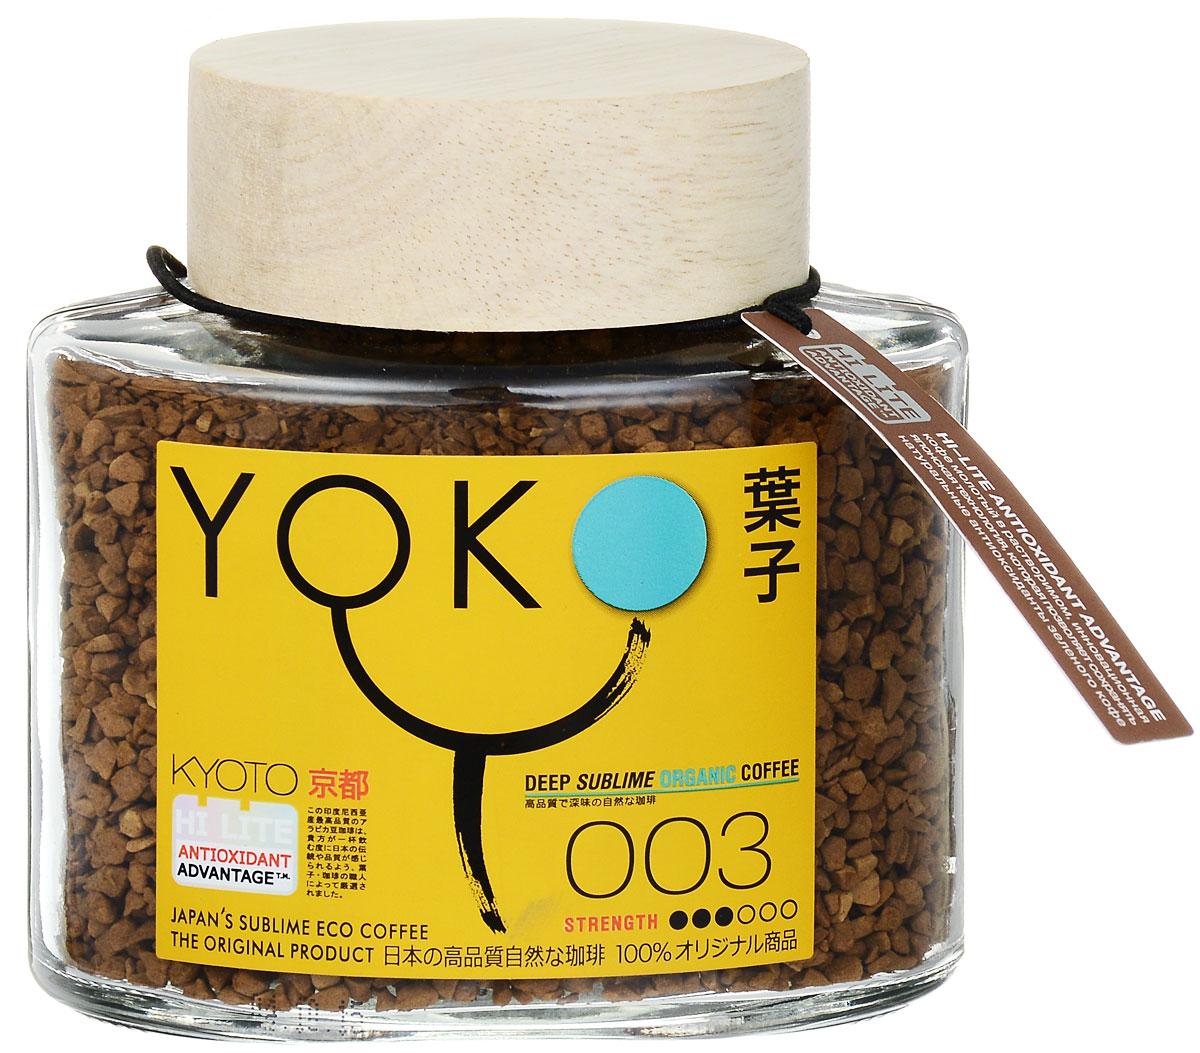 Yoko 003 blend кофе растворимый в стеклянной банке, 100 г4607141338700Yoko 003 blend изготовлен по новейшей технологии HI-LITE, разработанной японскими учеными. Она позволяет сохранить все полезные свойства зеленого кофе, главным из которых является высокое содержание натуральных антиоксидантов. YOKO -это инновационные технологии и уважение к традициям в одной чашке кофе.